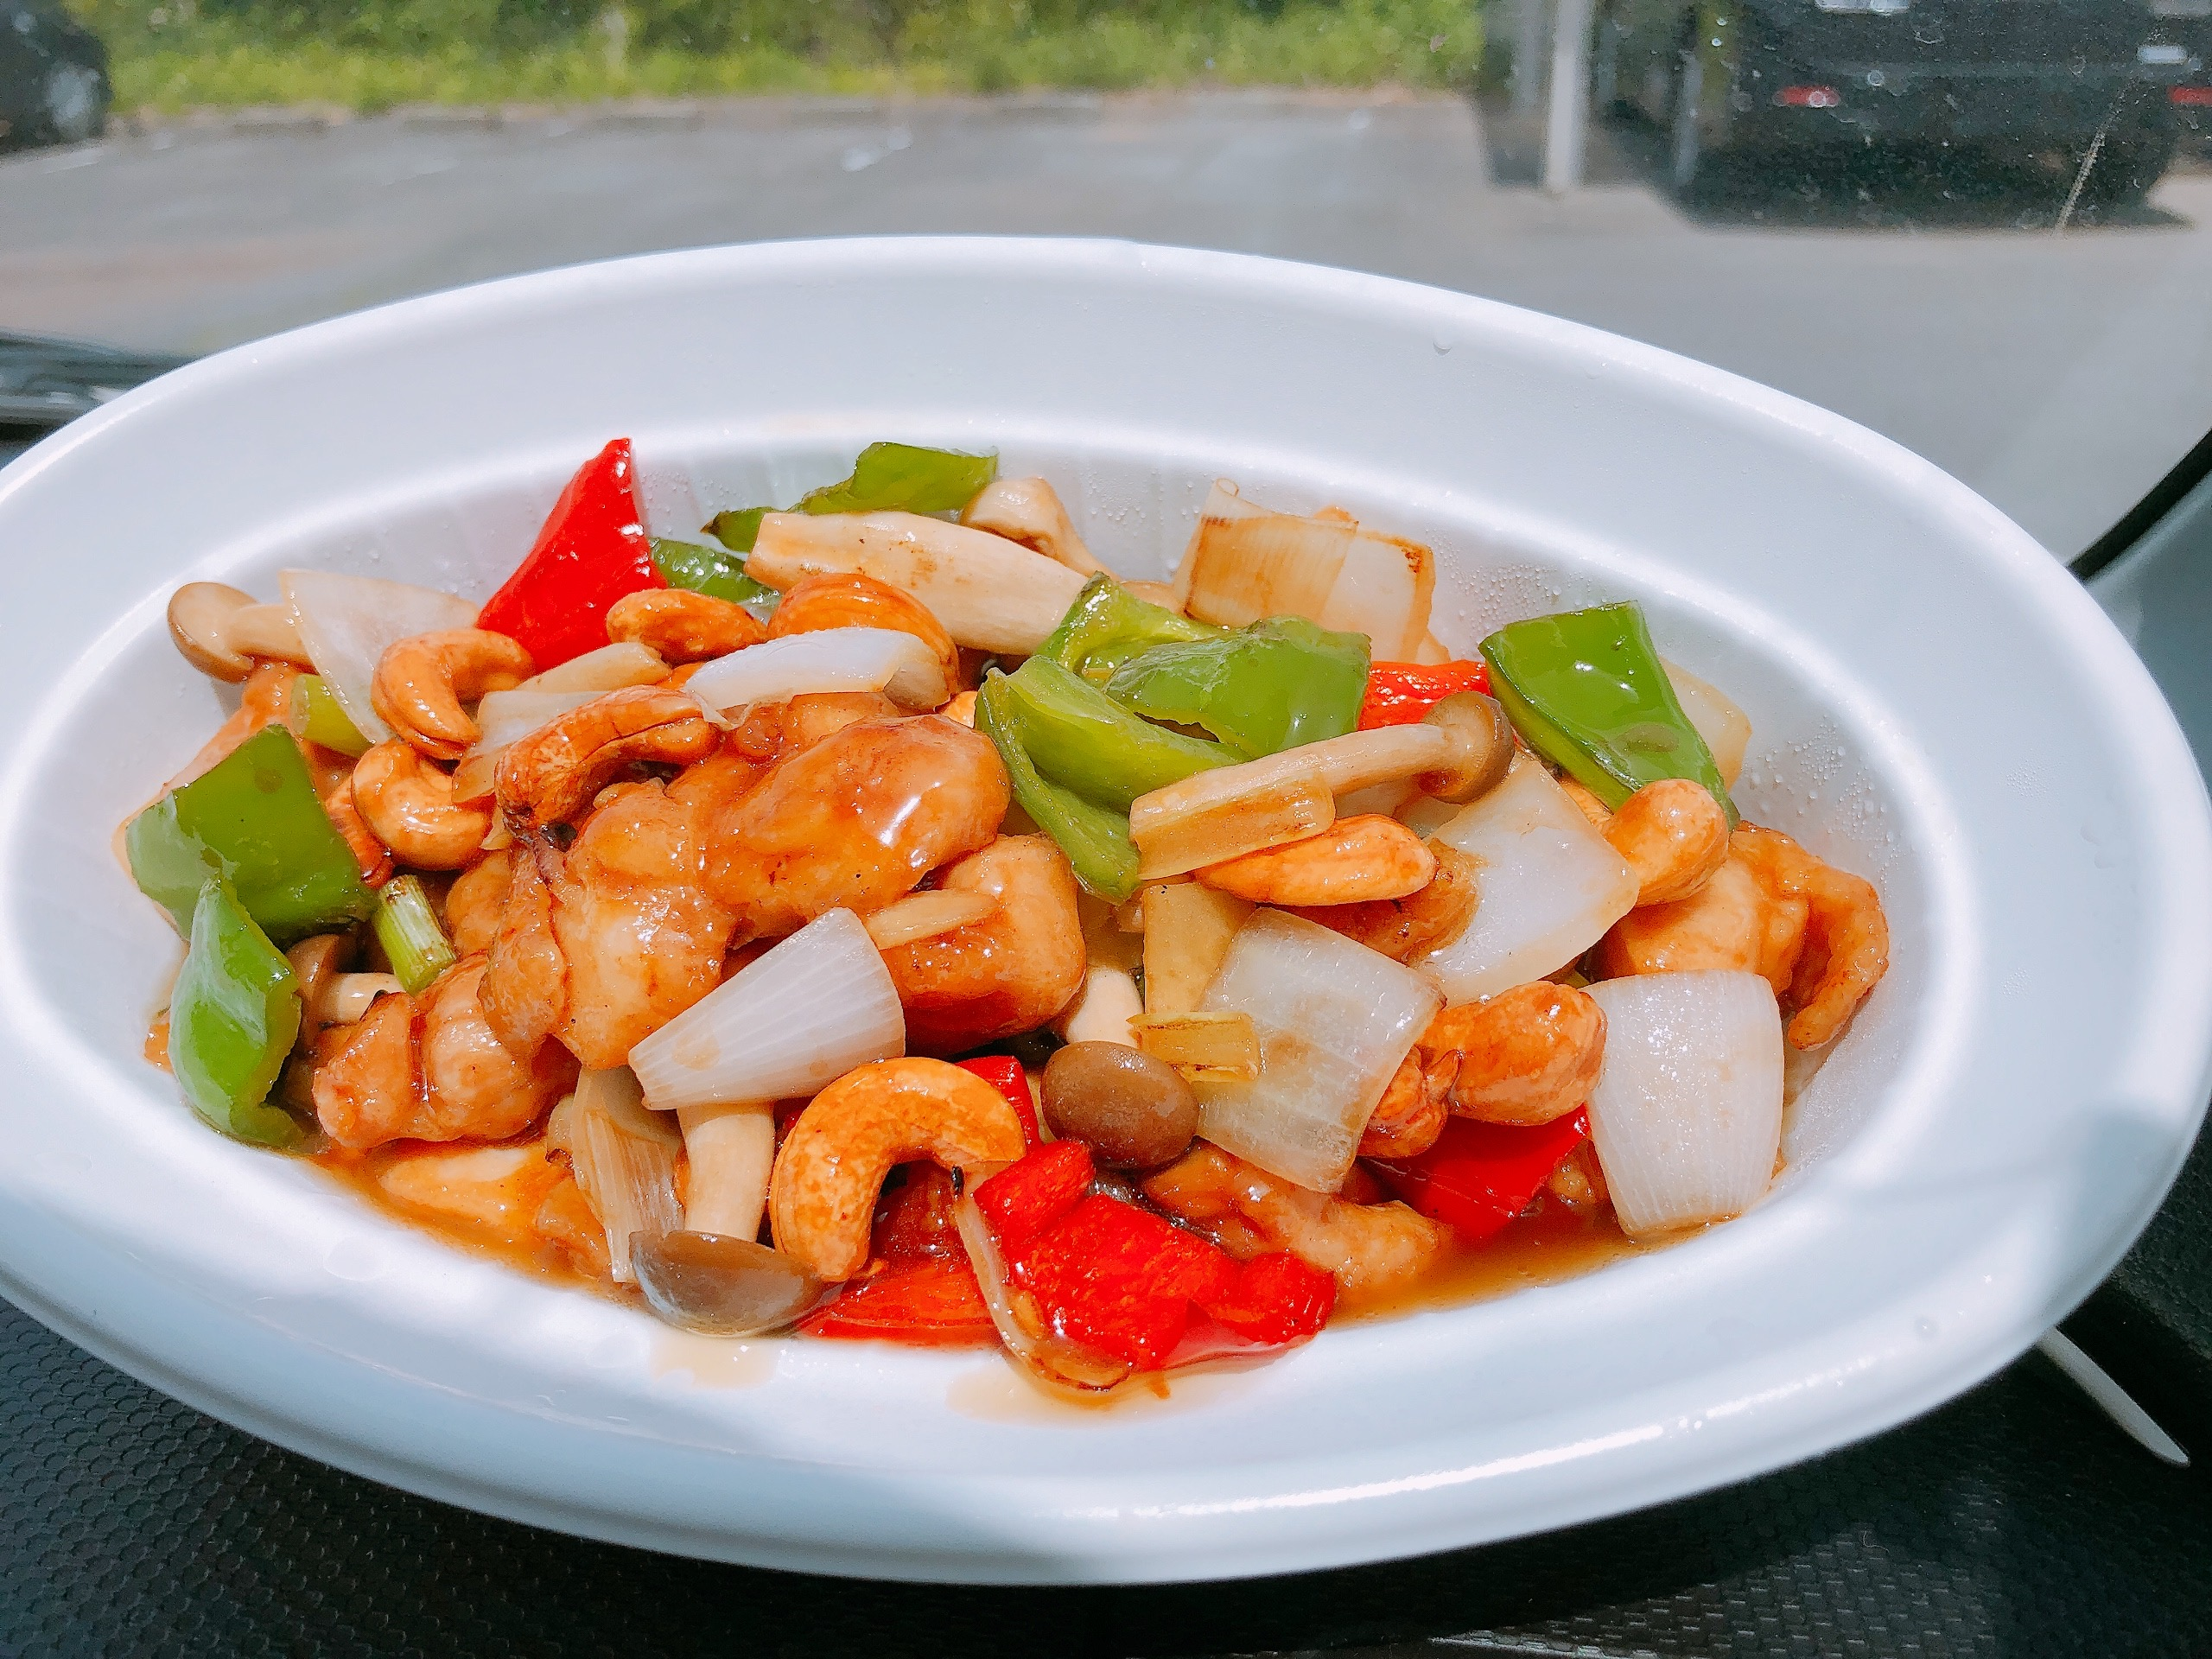 ちゃいなはうすで中華料理をテイクアウト